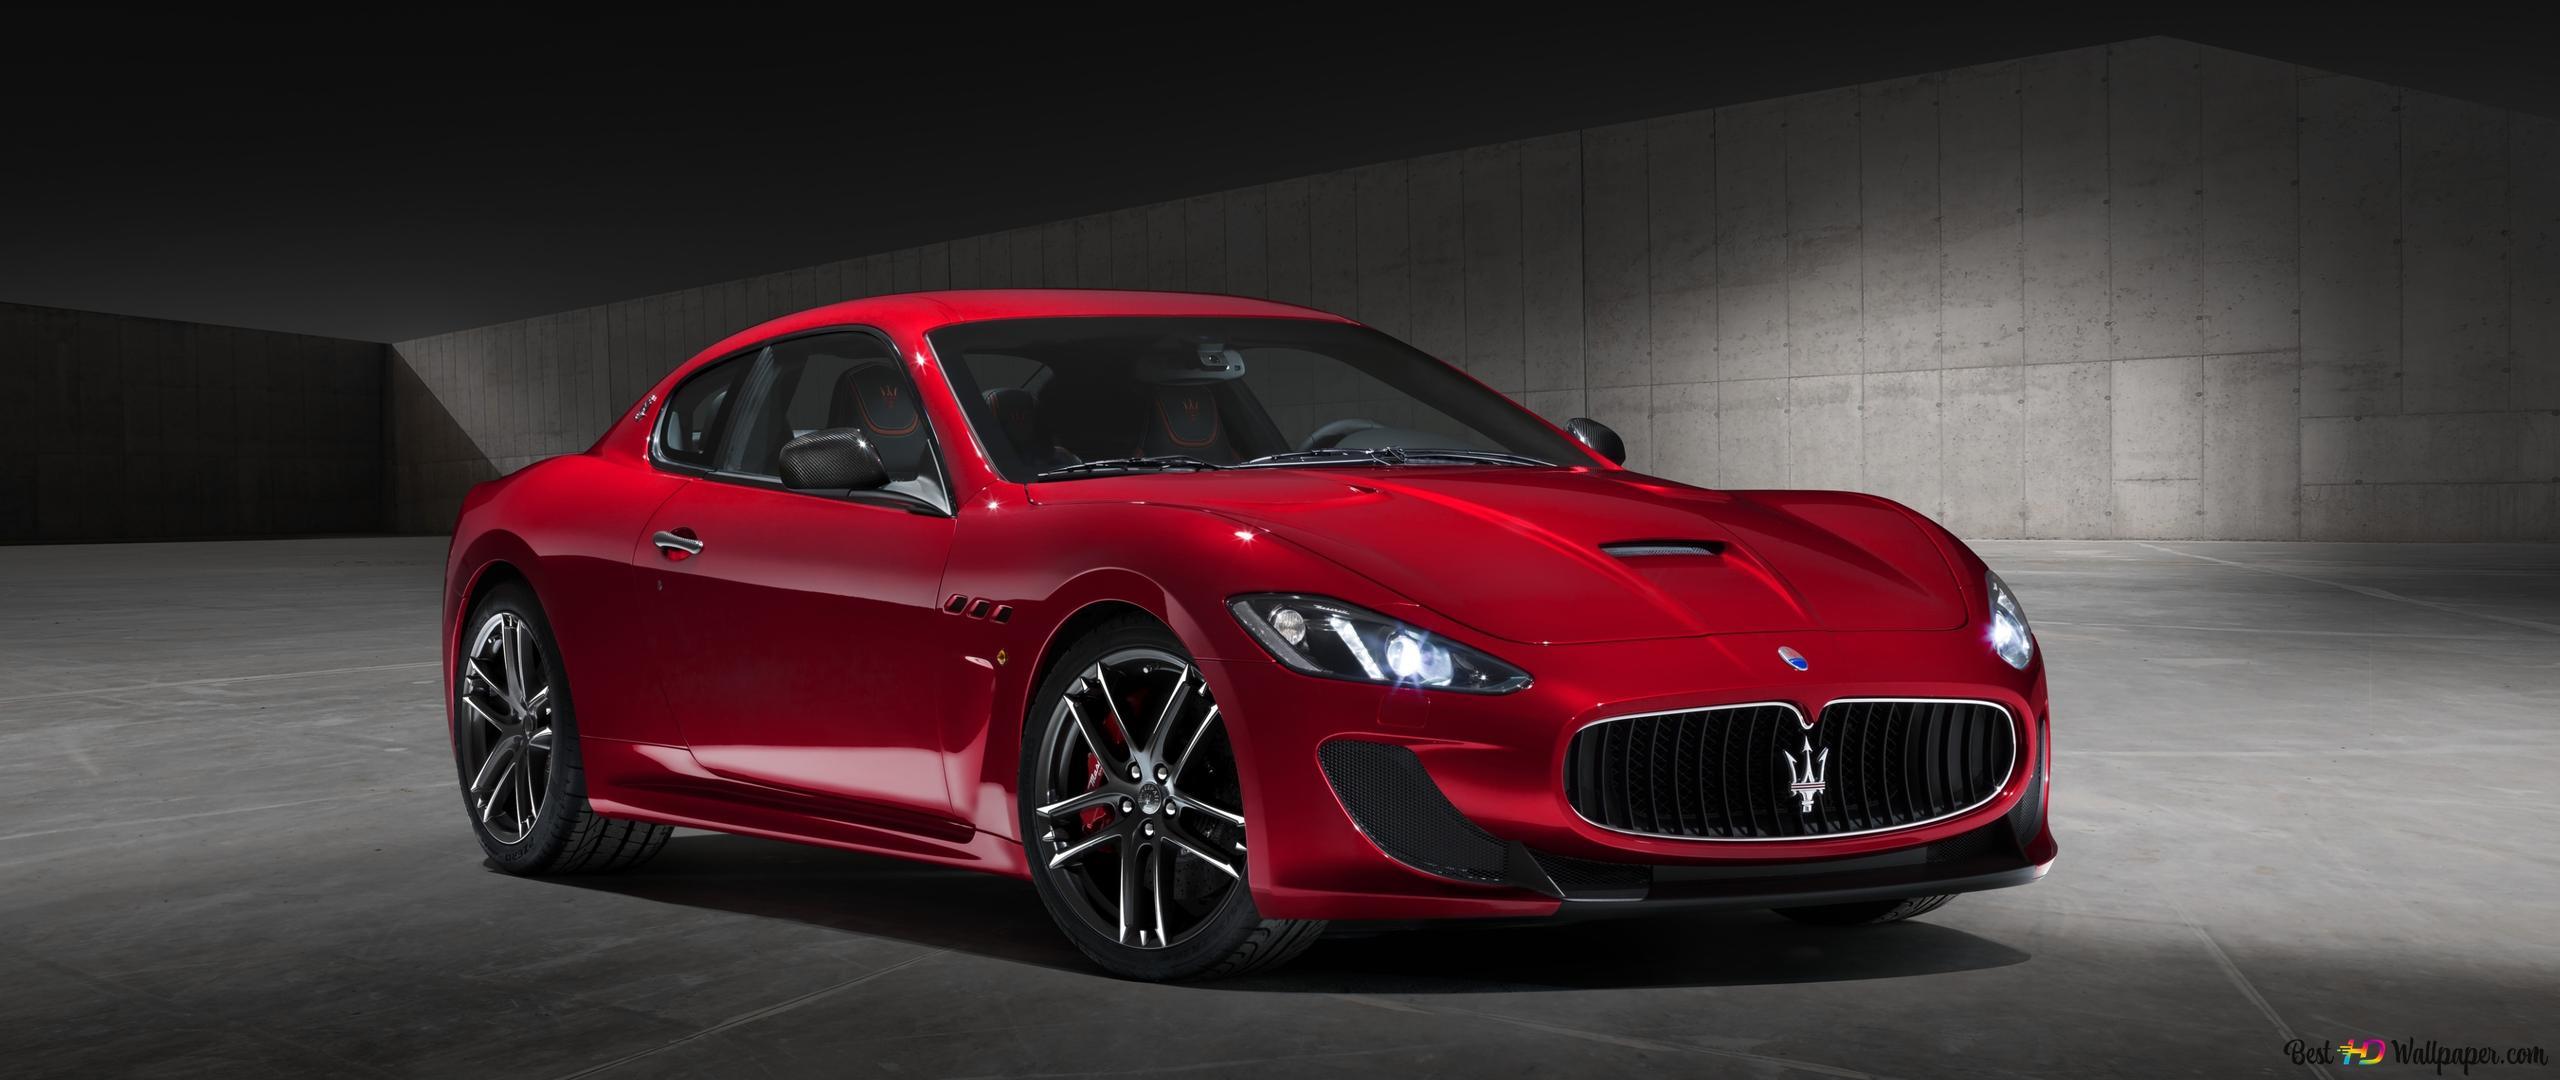 Maserati Granturismo Hd Wallpaper Download